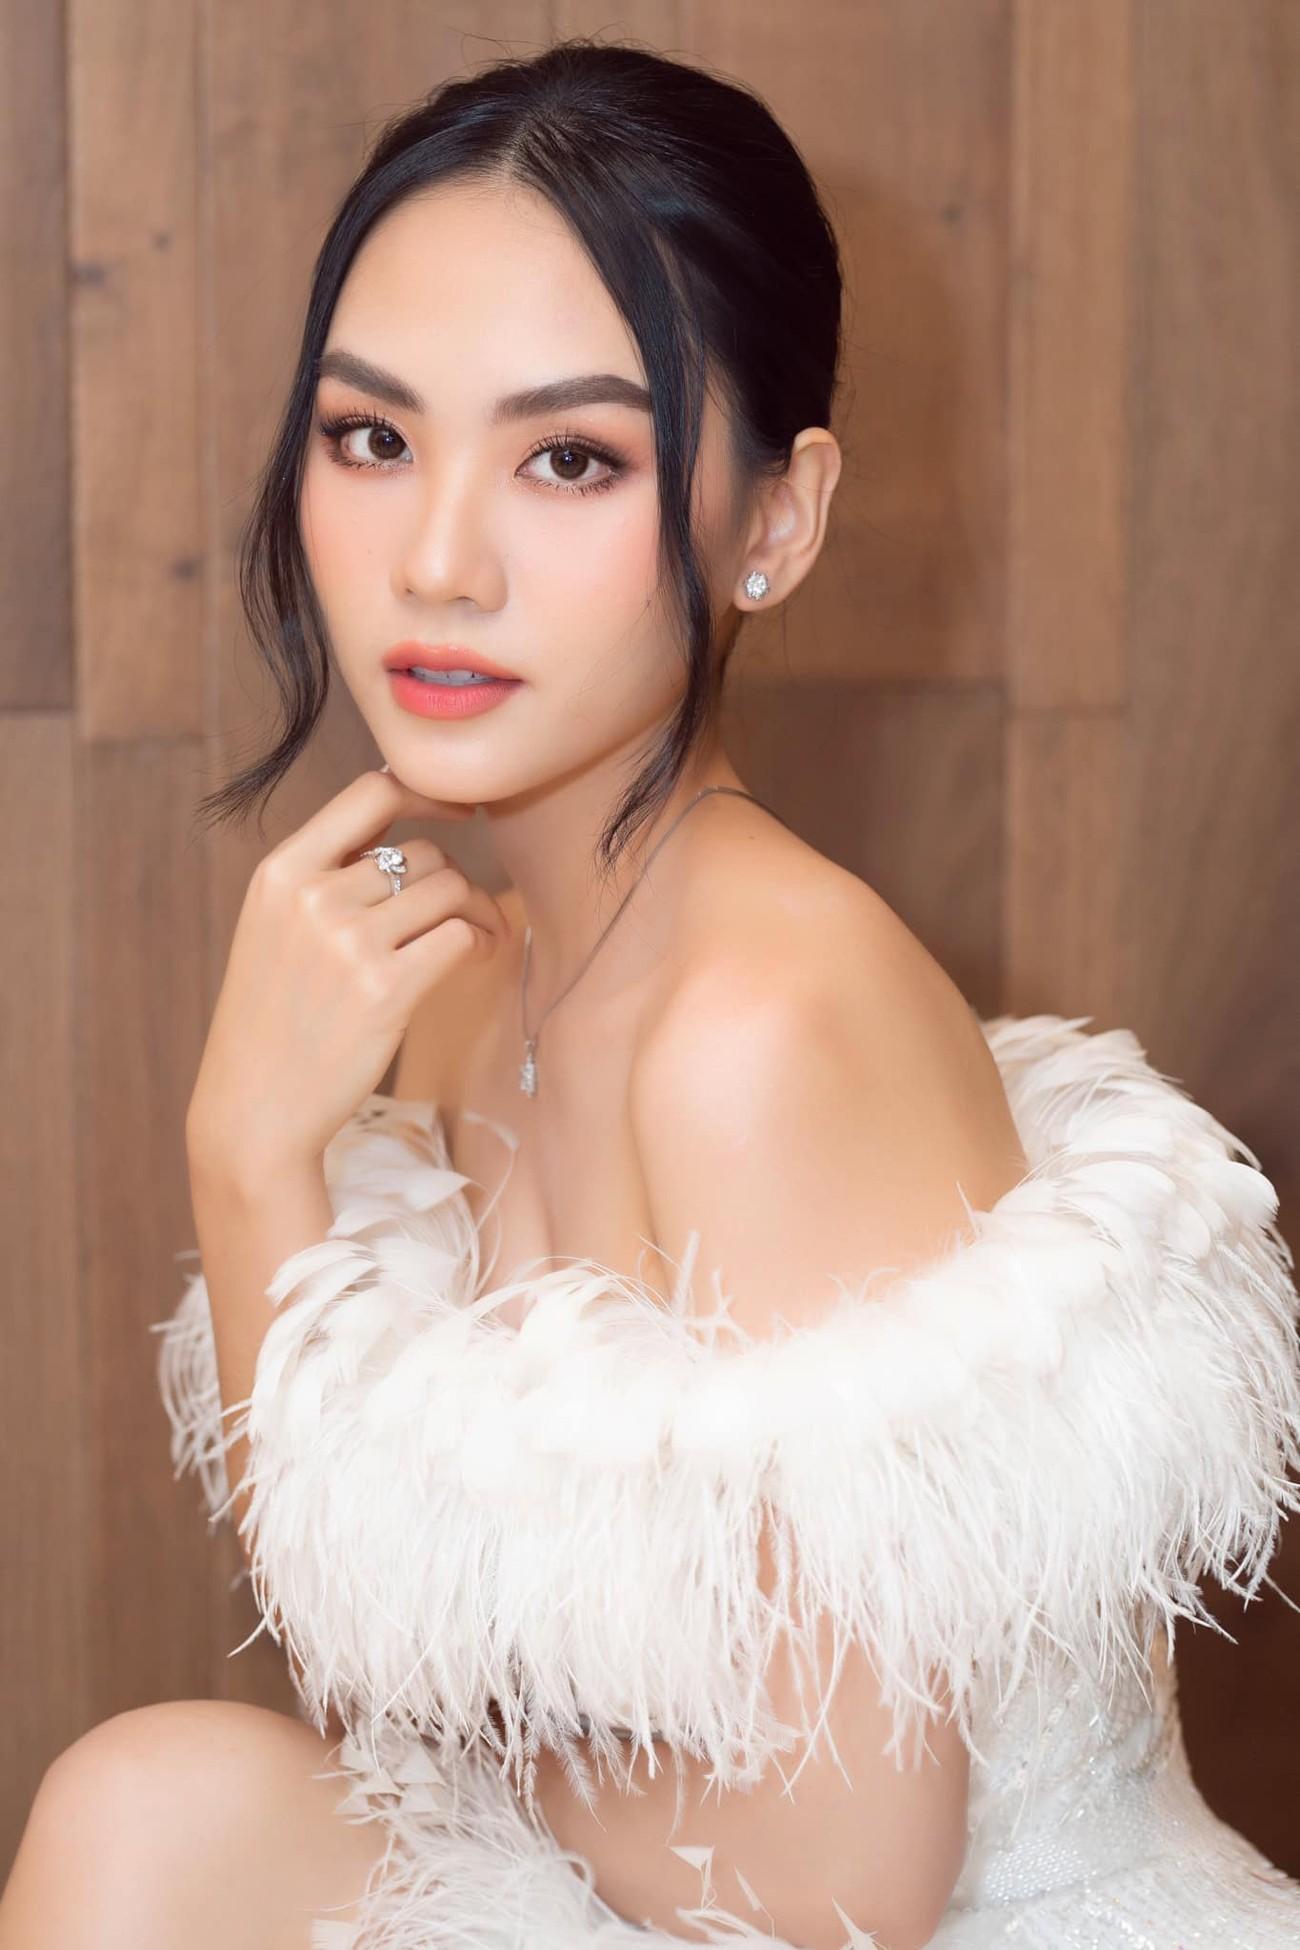 Diện váy cúp ngực gợi cảm, người đẹp Huỳnh Nguyễn Mai Phương hút hồn người nhìn ảnh 1